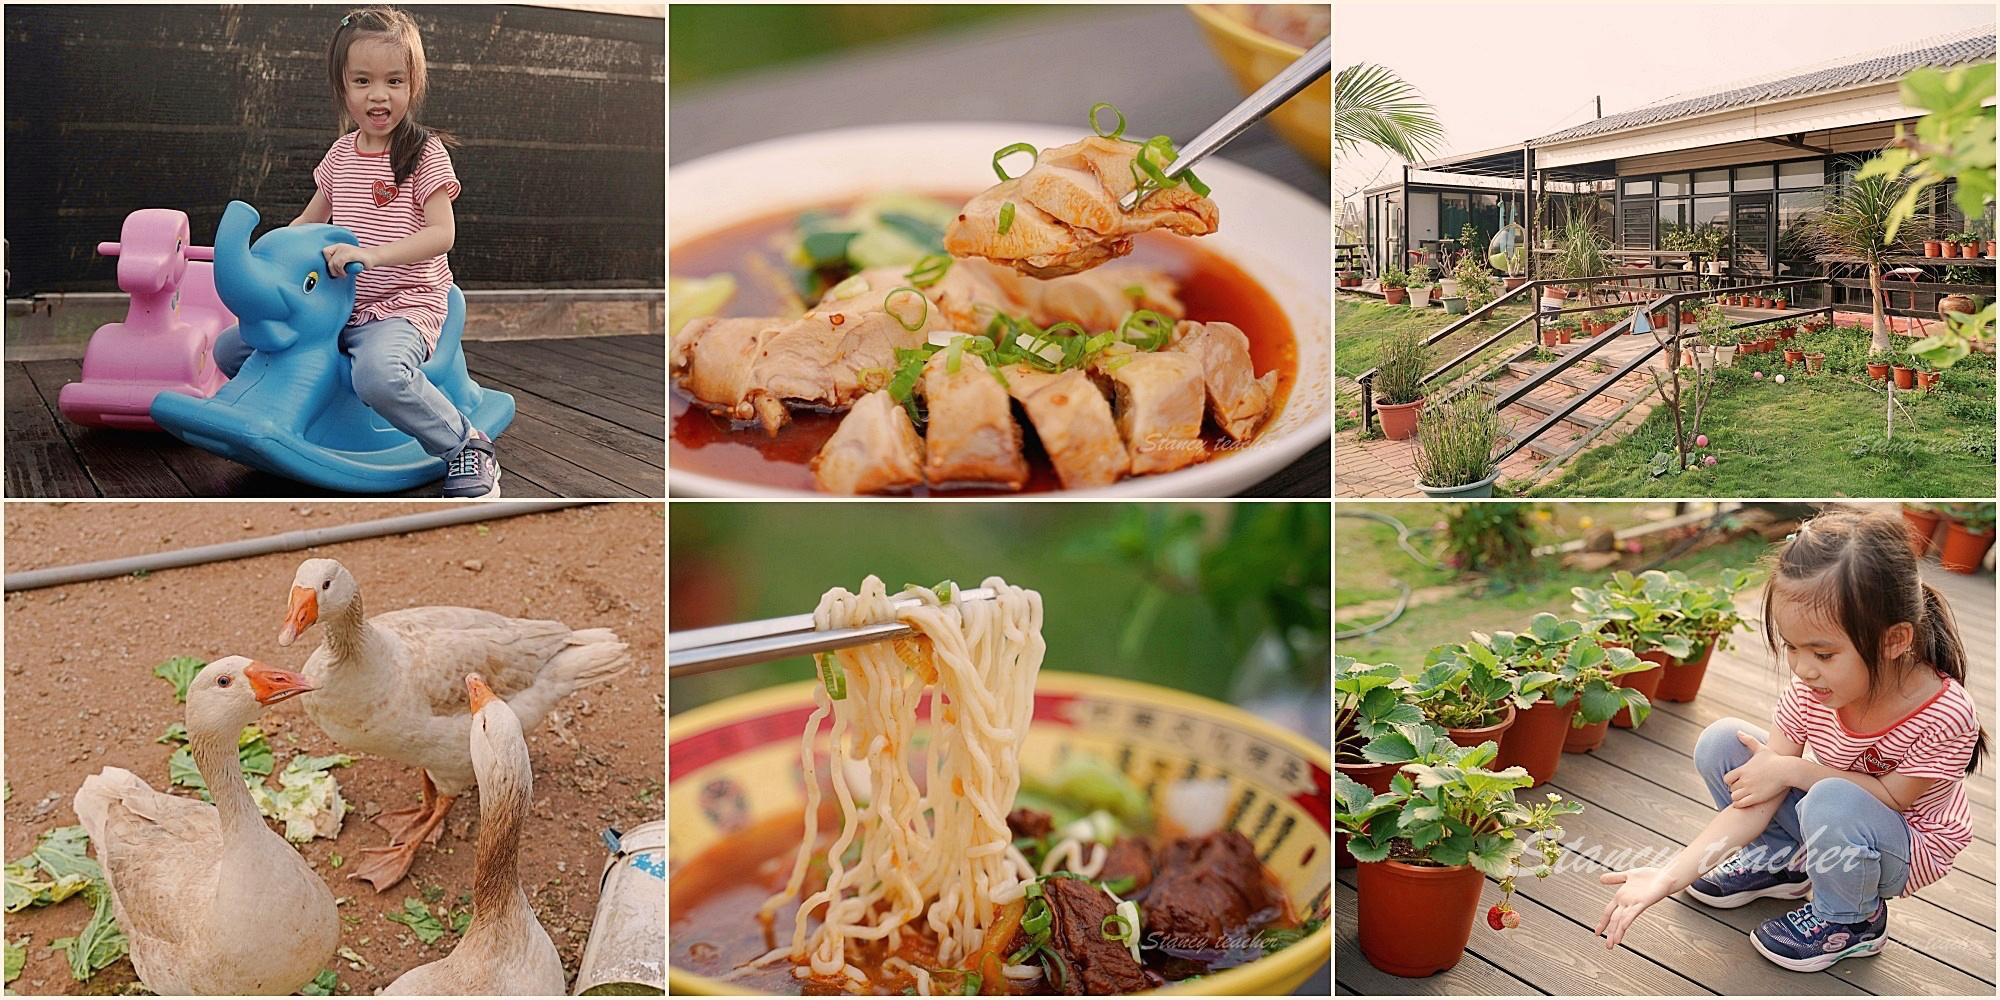 澎湖湖西鄉兩個番茄農場|澎湖正宗四川牛肉麵|澎湖親子景點有玩有吃超歡樂(菜單、價格)